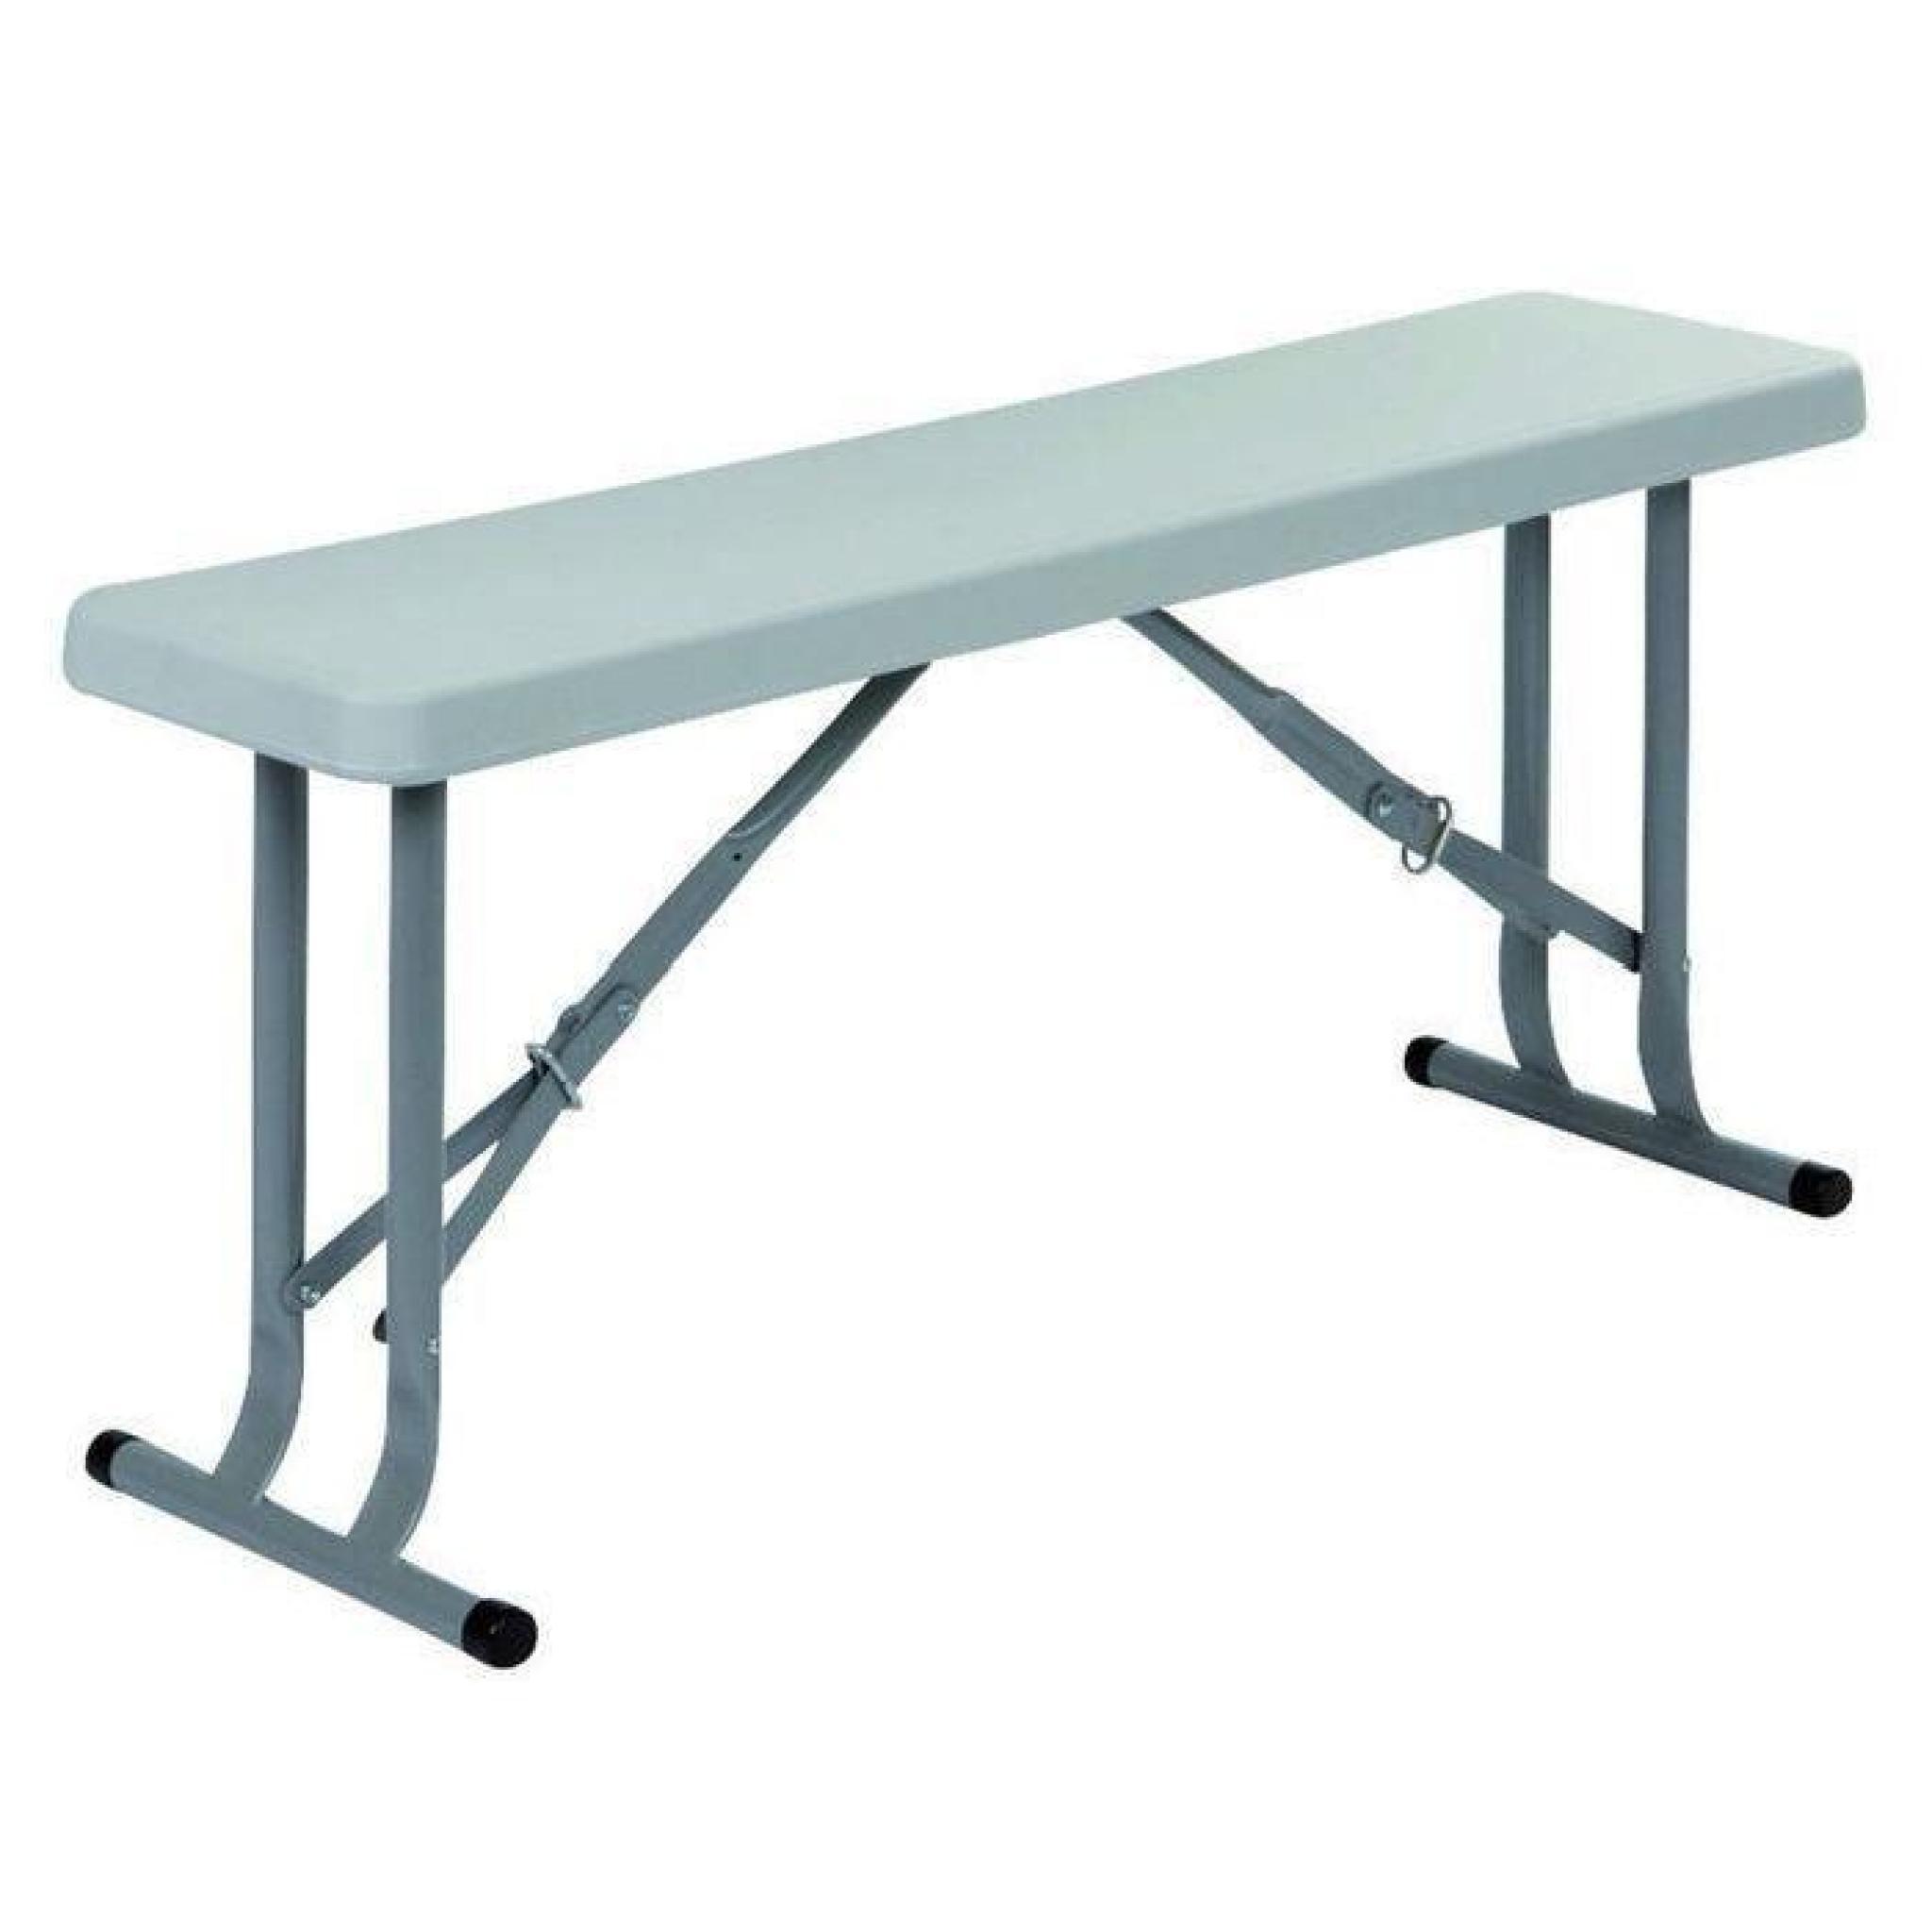 banc d assise raviday 95 x 23 x 42 cm achat vente banc de jardin en metal pas cher. Black Bedroom Furniture Sets. Home Design Ideas